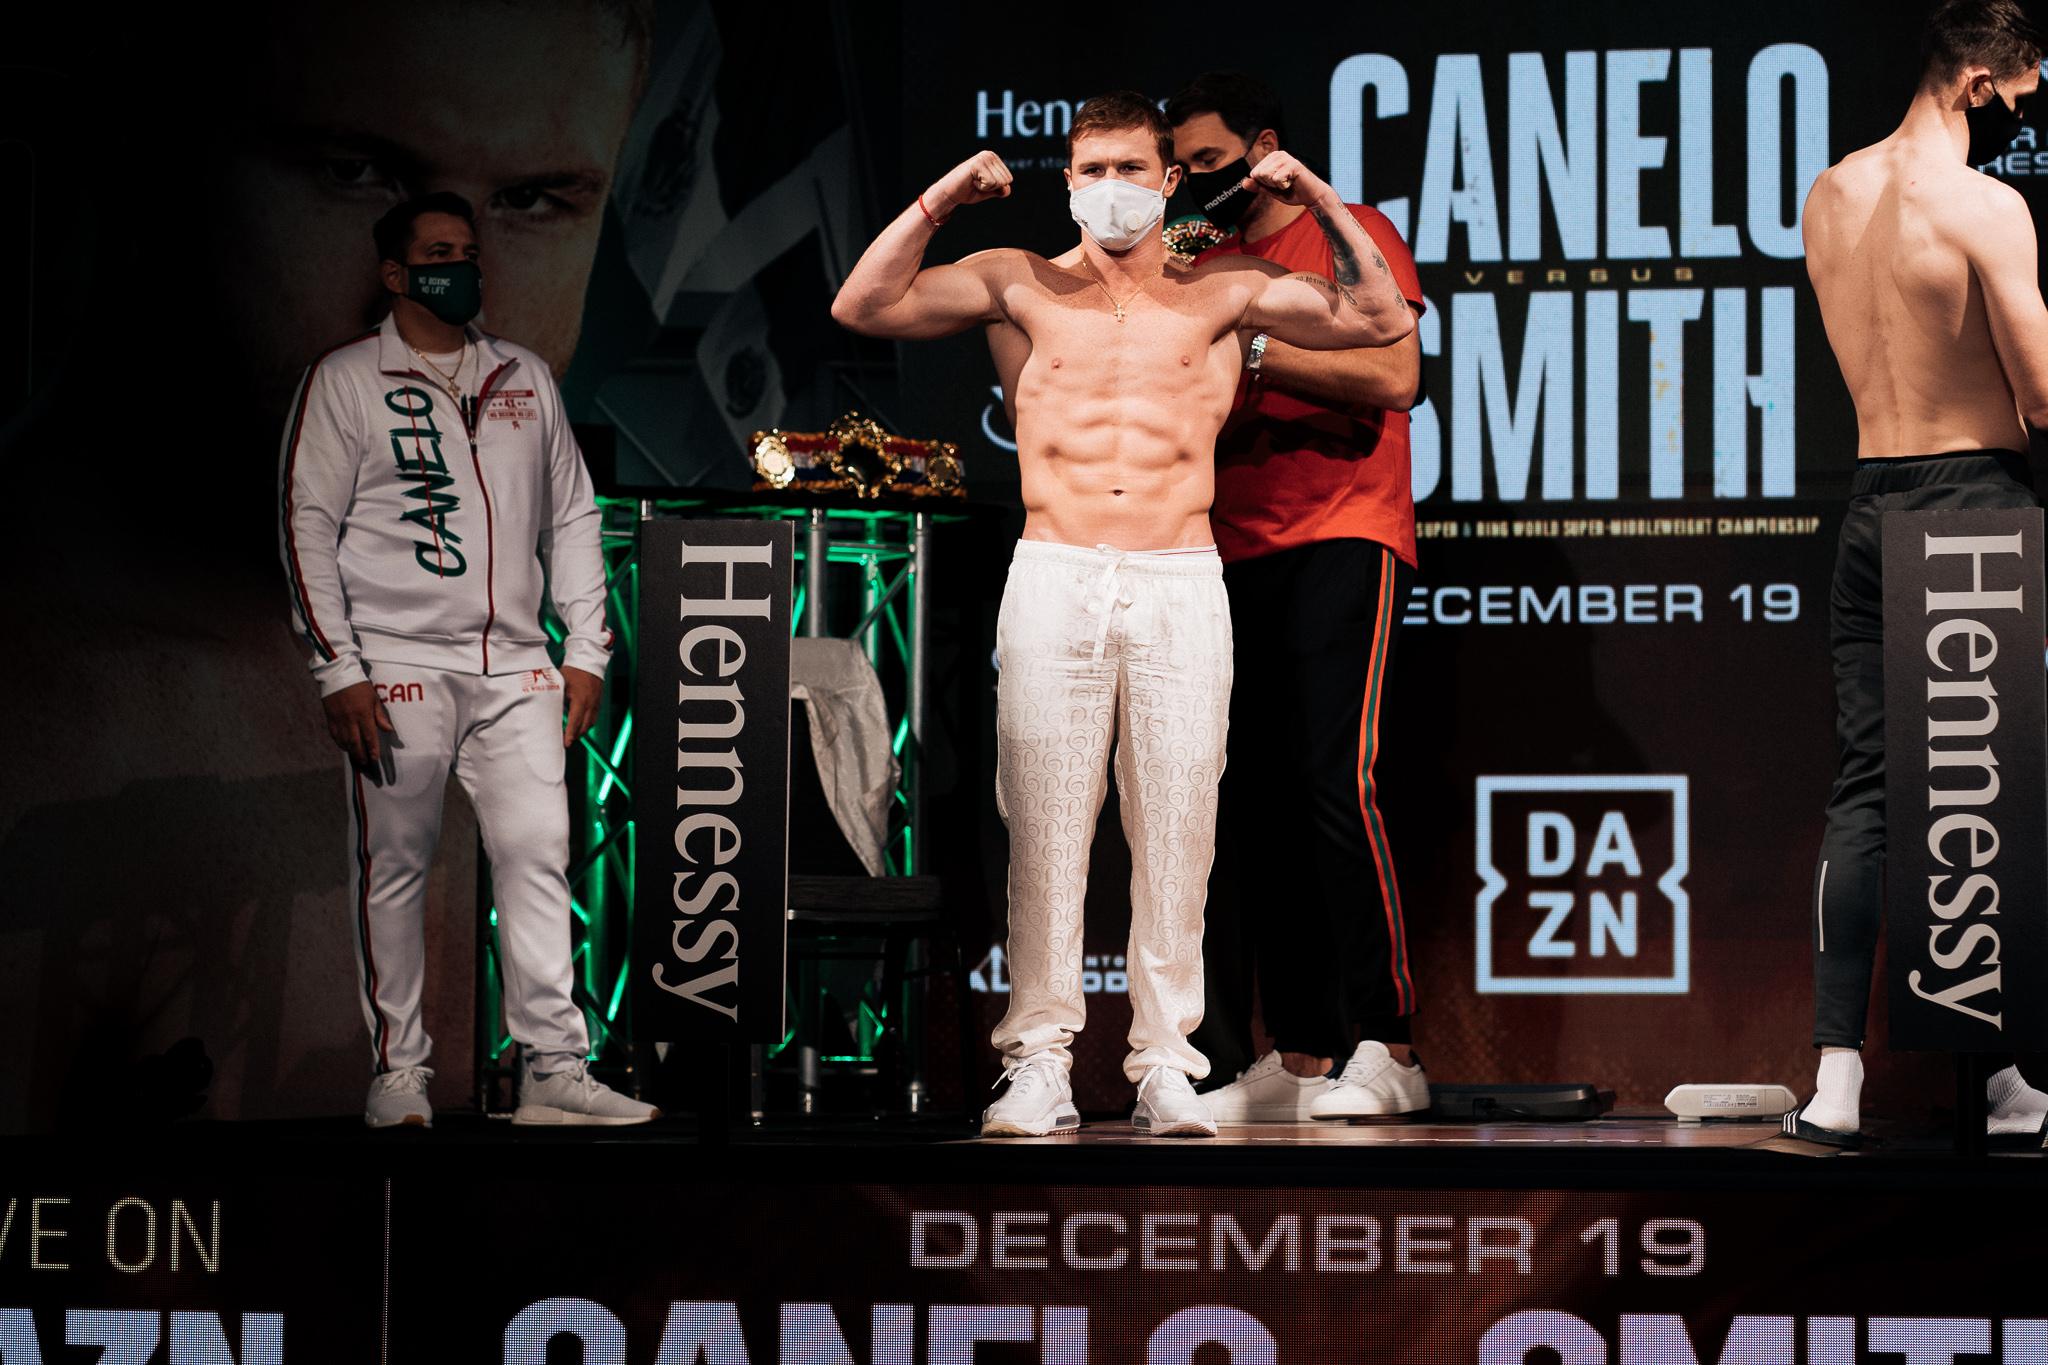 Báscula vencida y todo listo para pelea entre Canelo y Smith